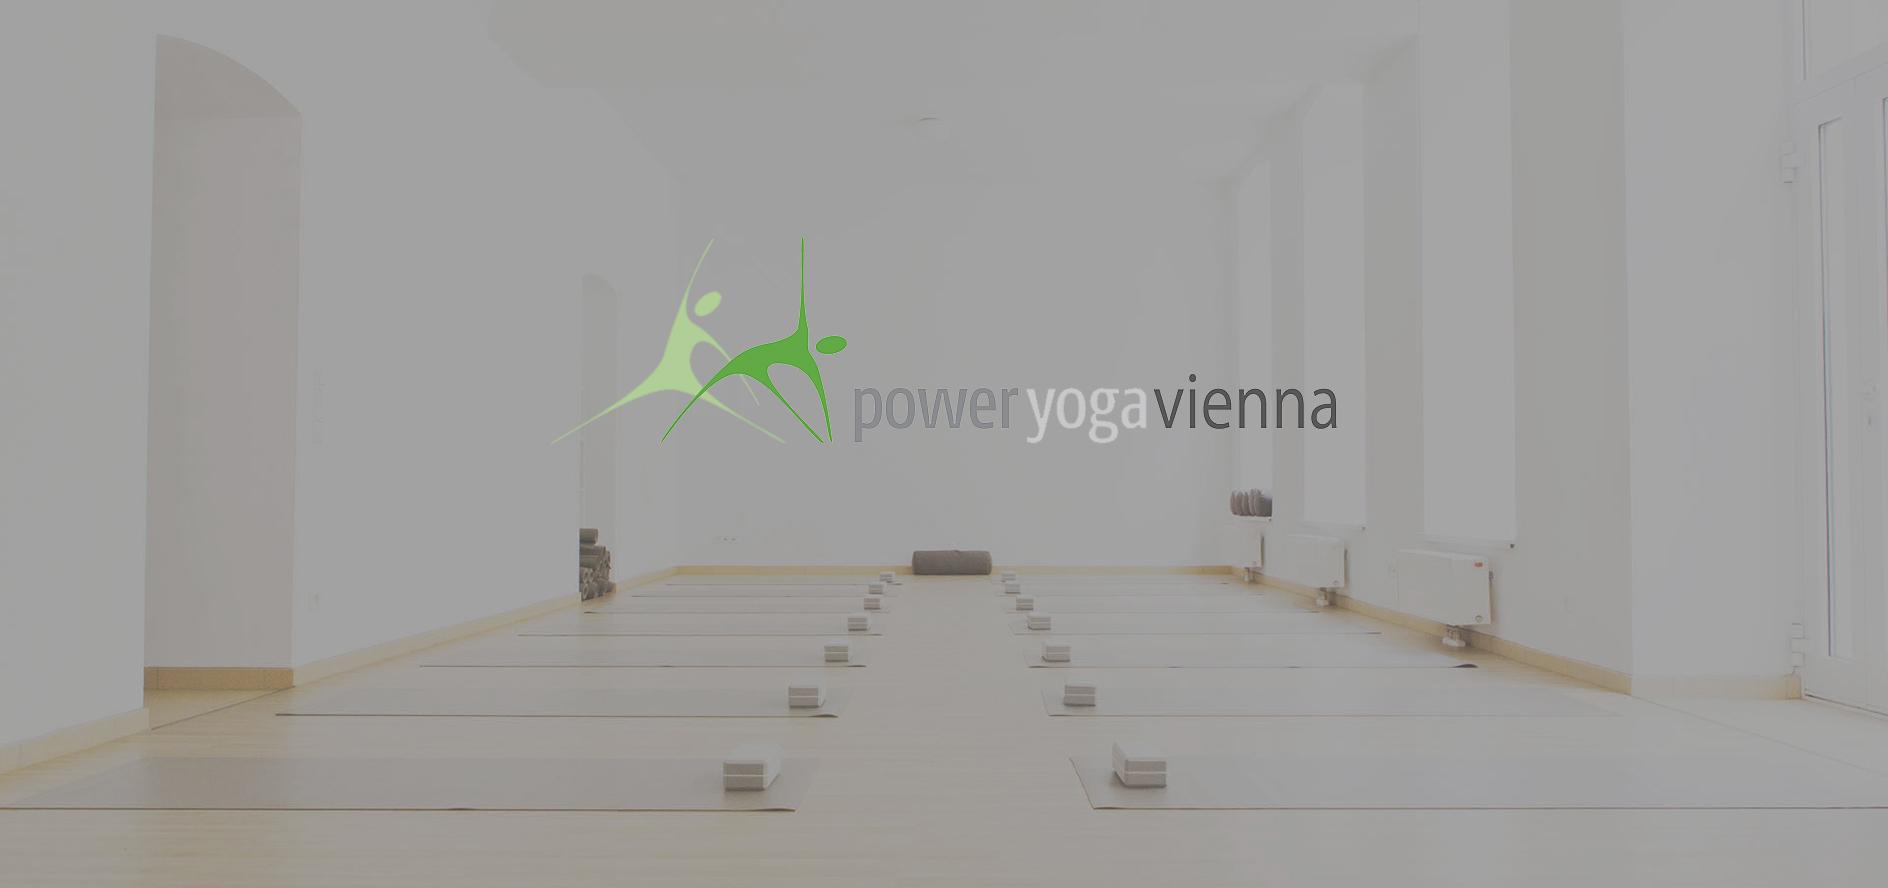 poweryogavienna teacher training